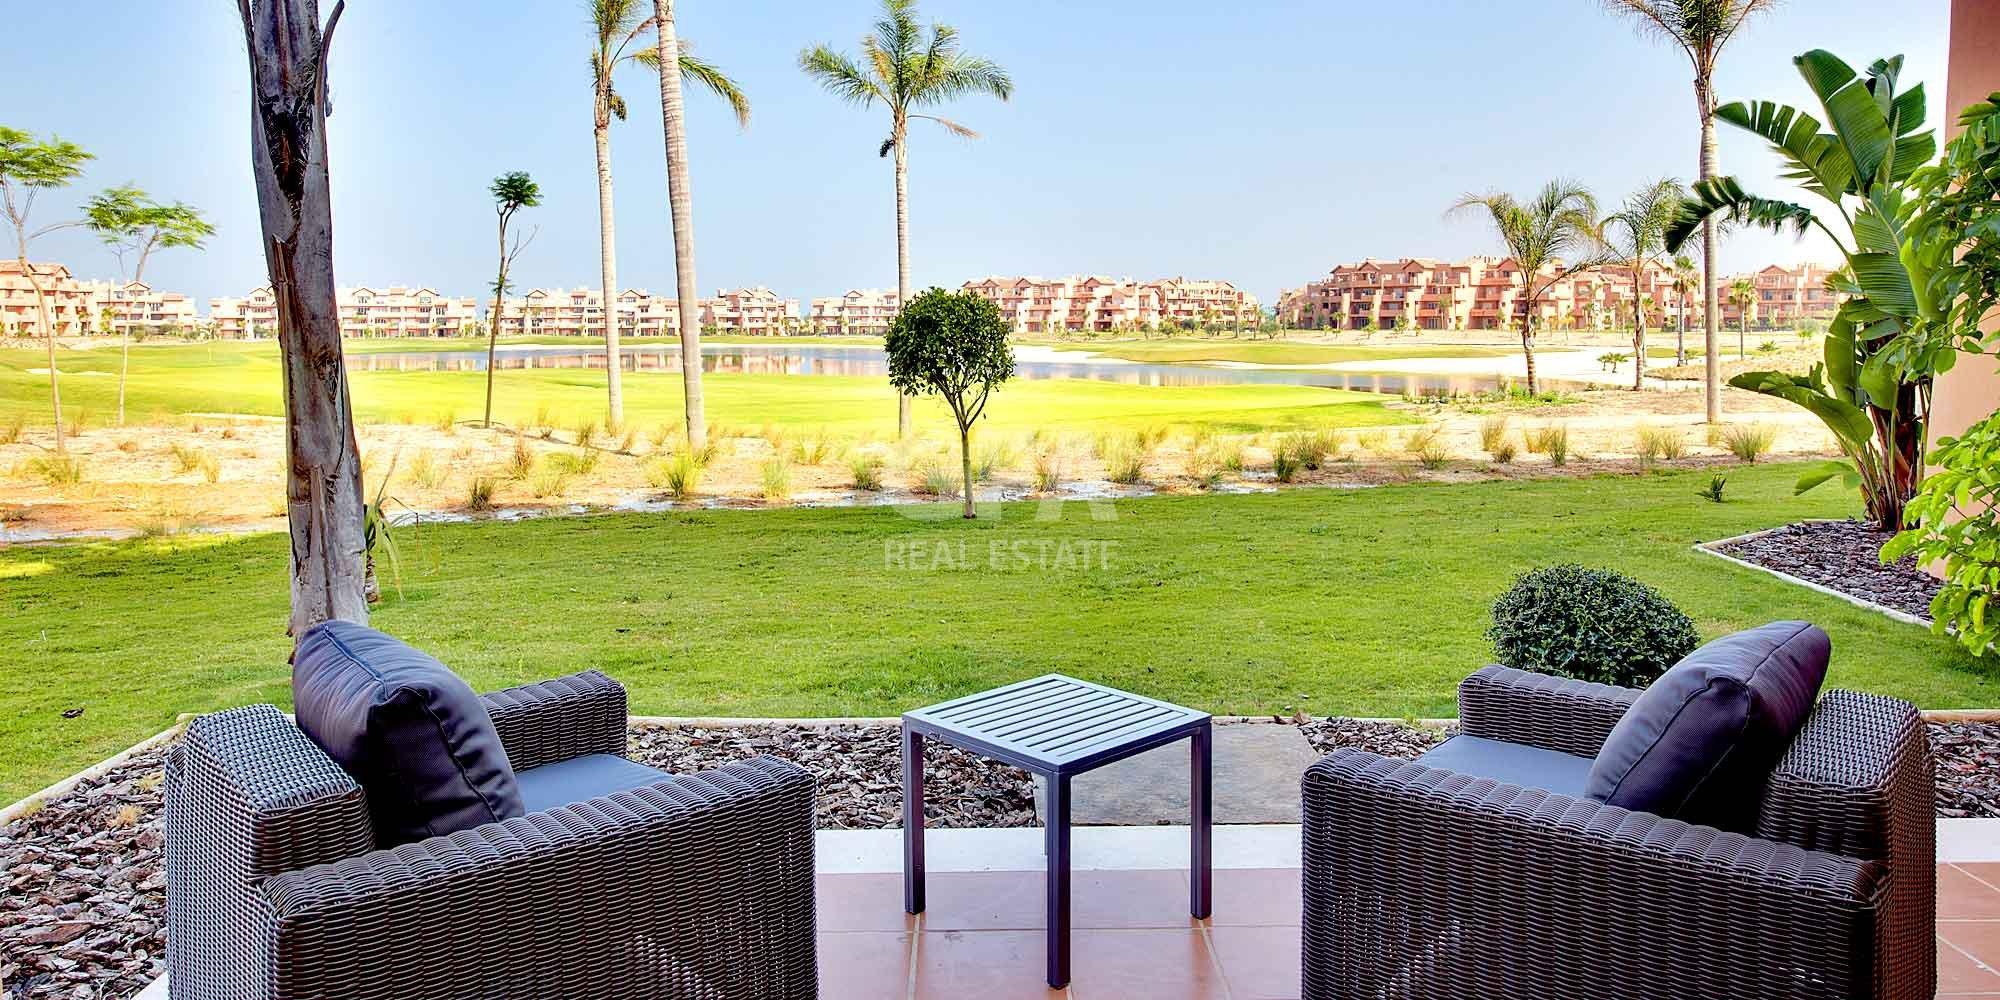 Residencial obra nueva Mar Menor Golf Resort terraza